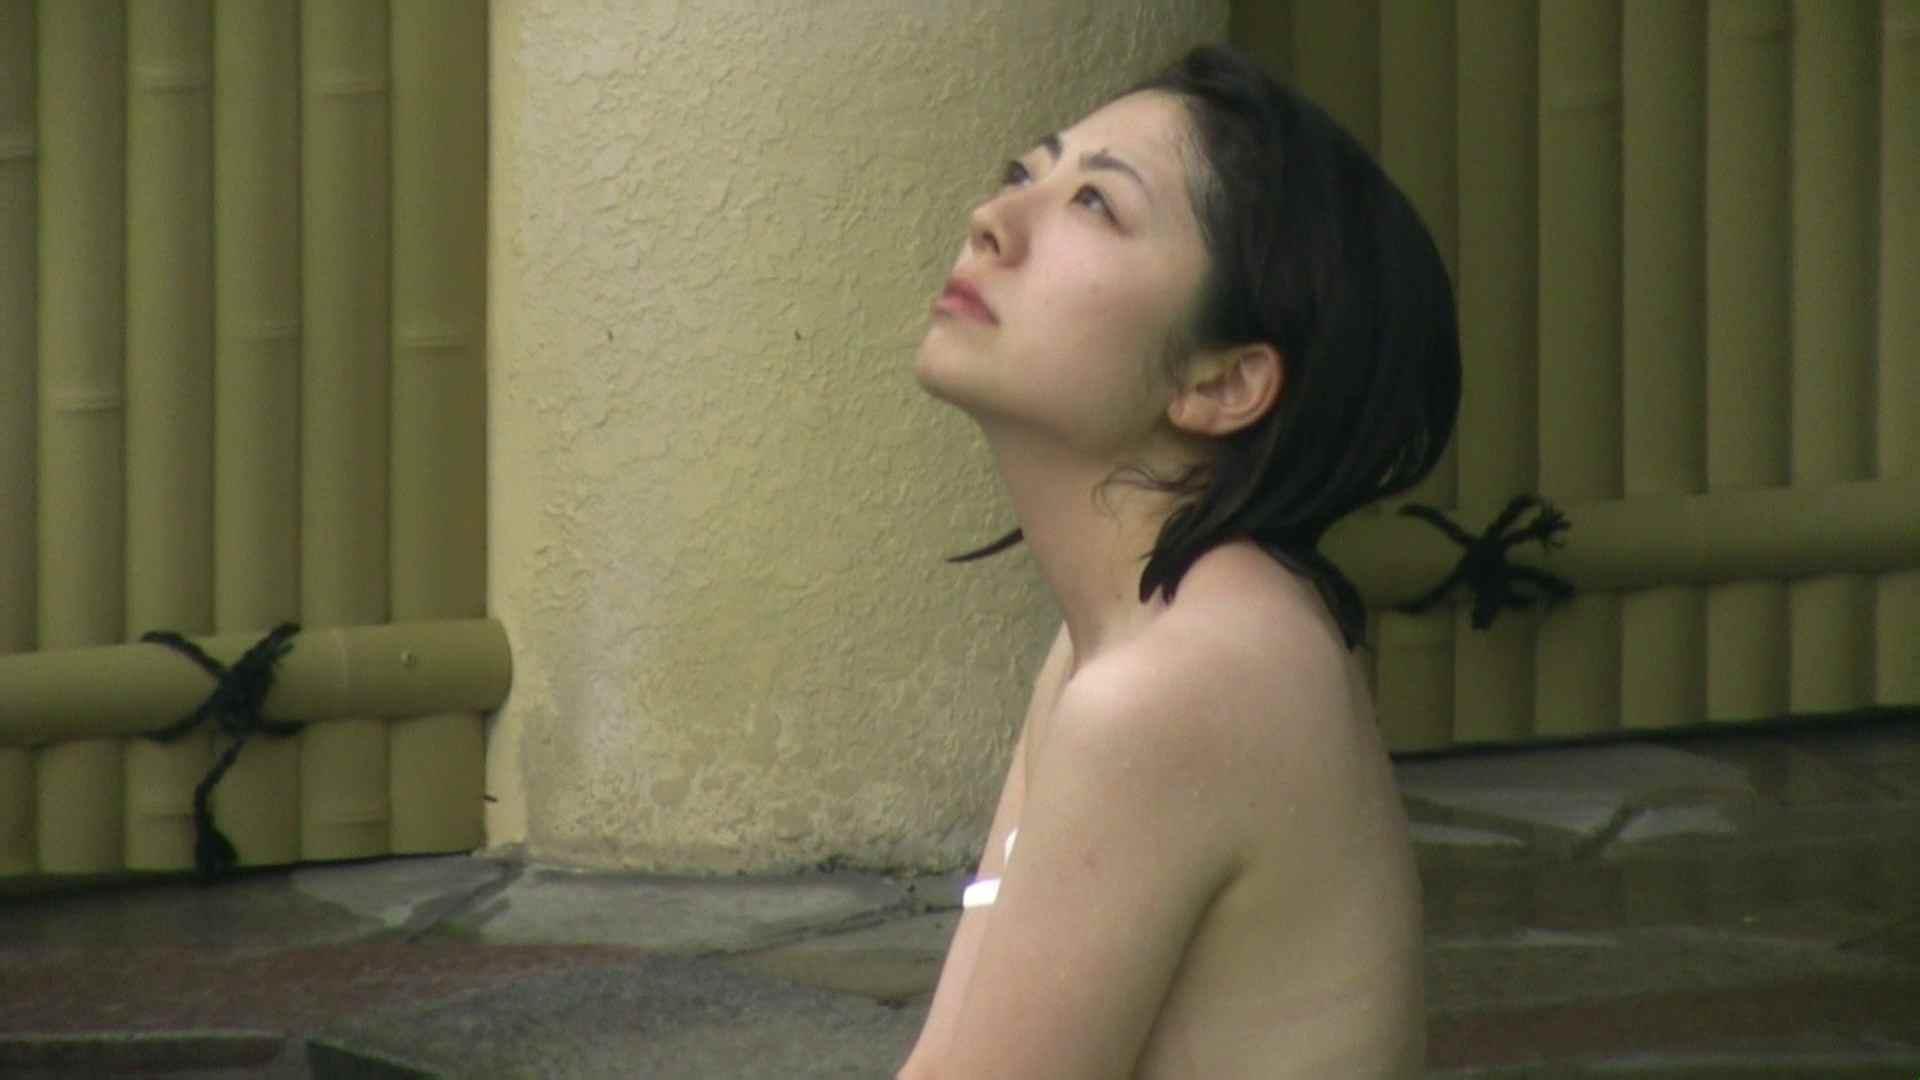 Aquaな露天風呂Vol.04 0  84pic 5